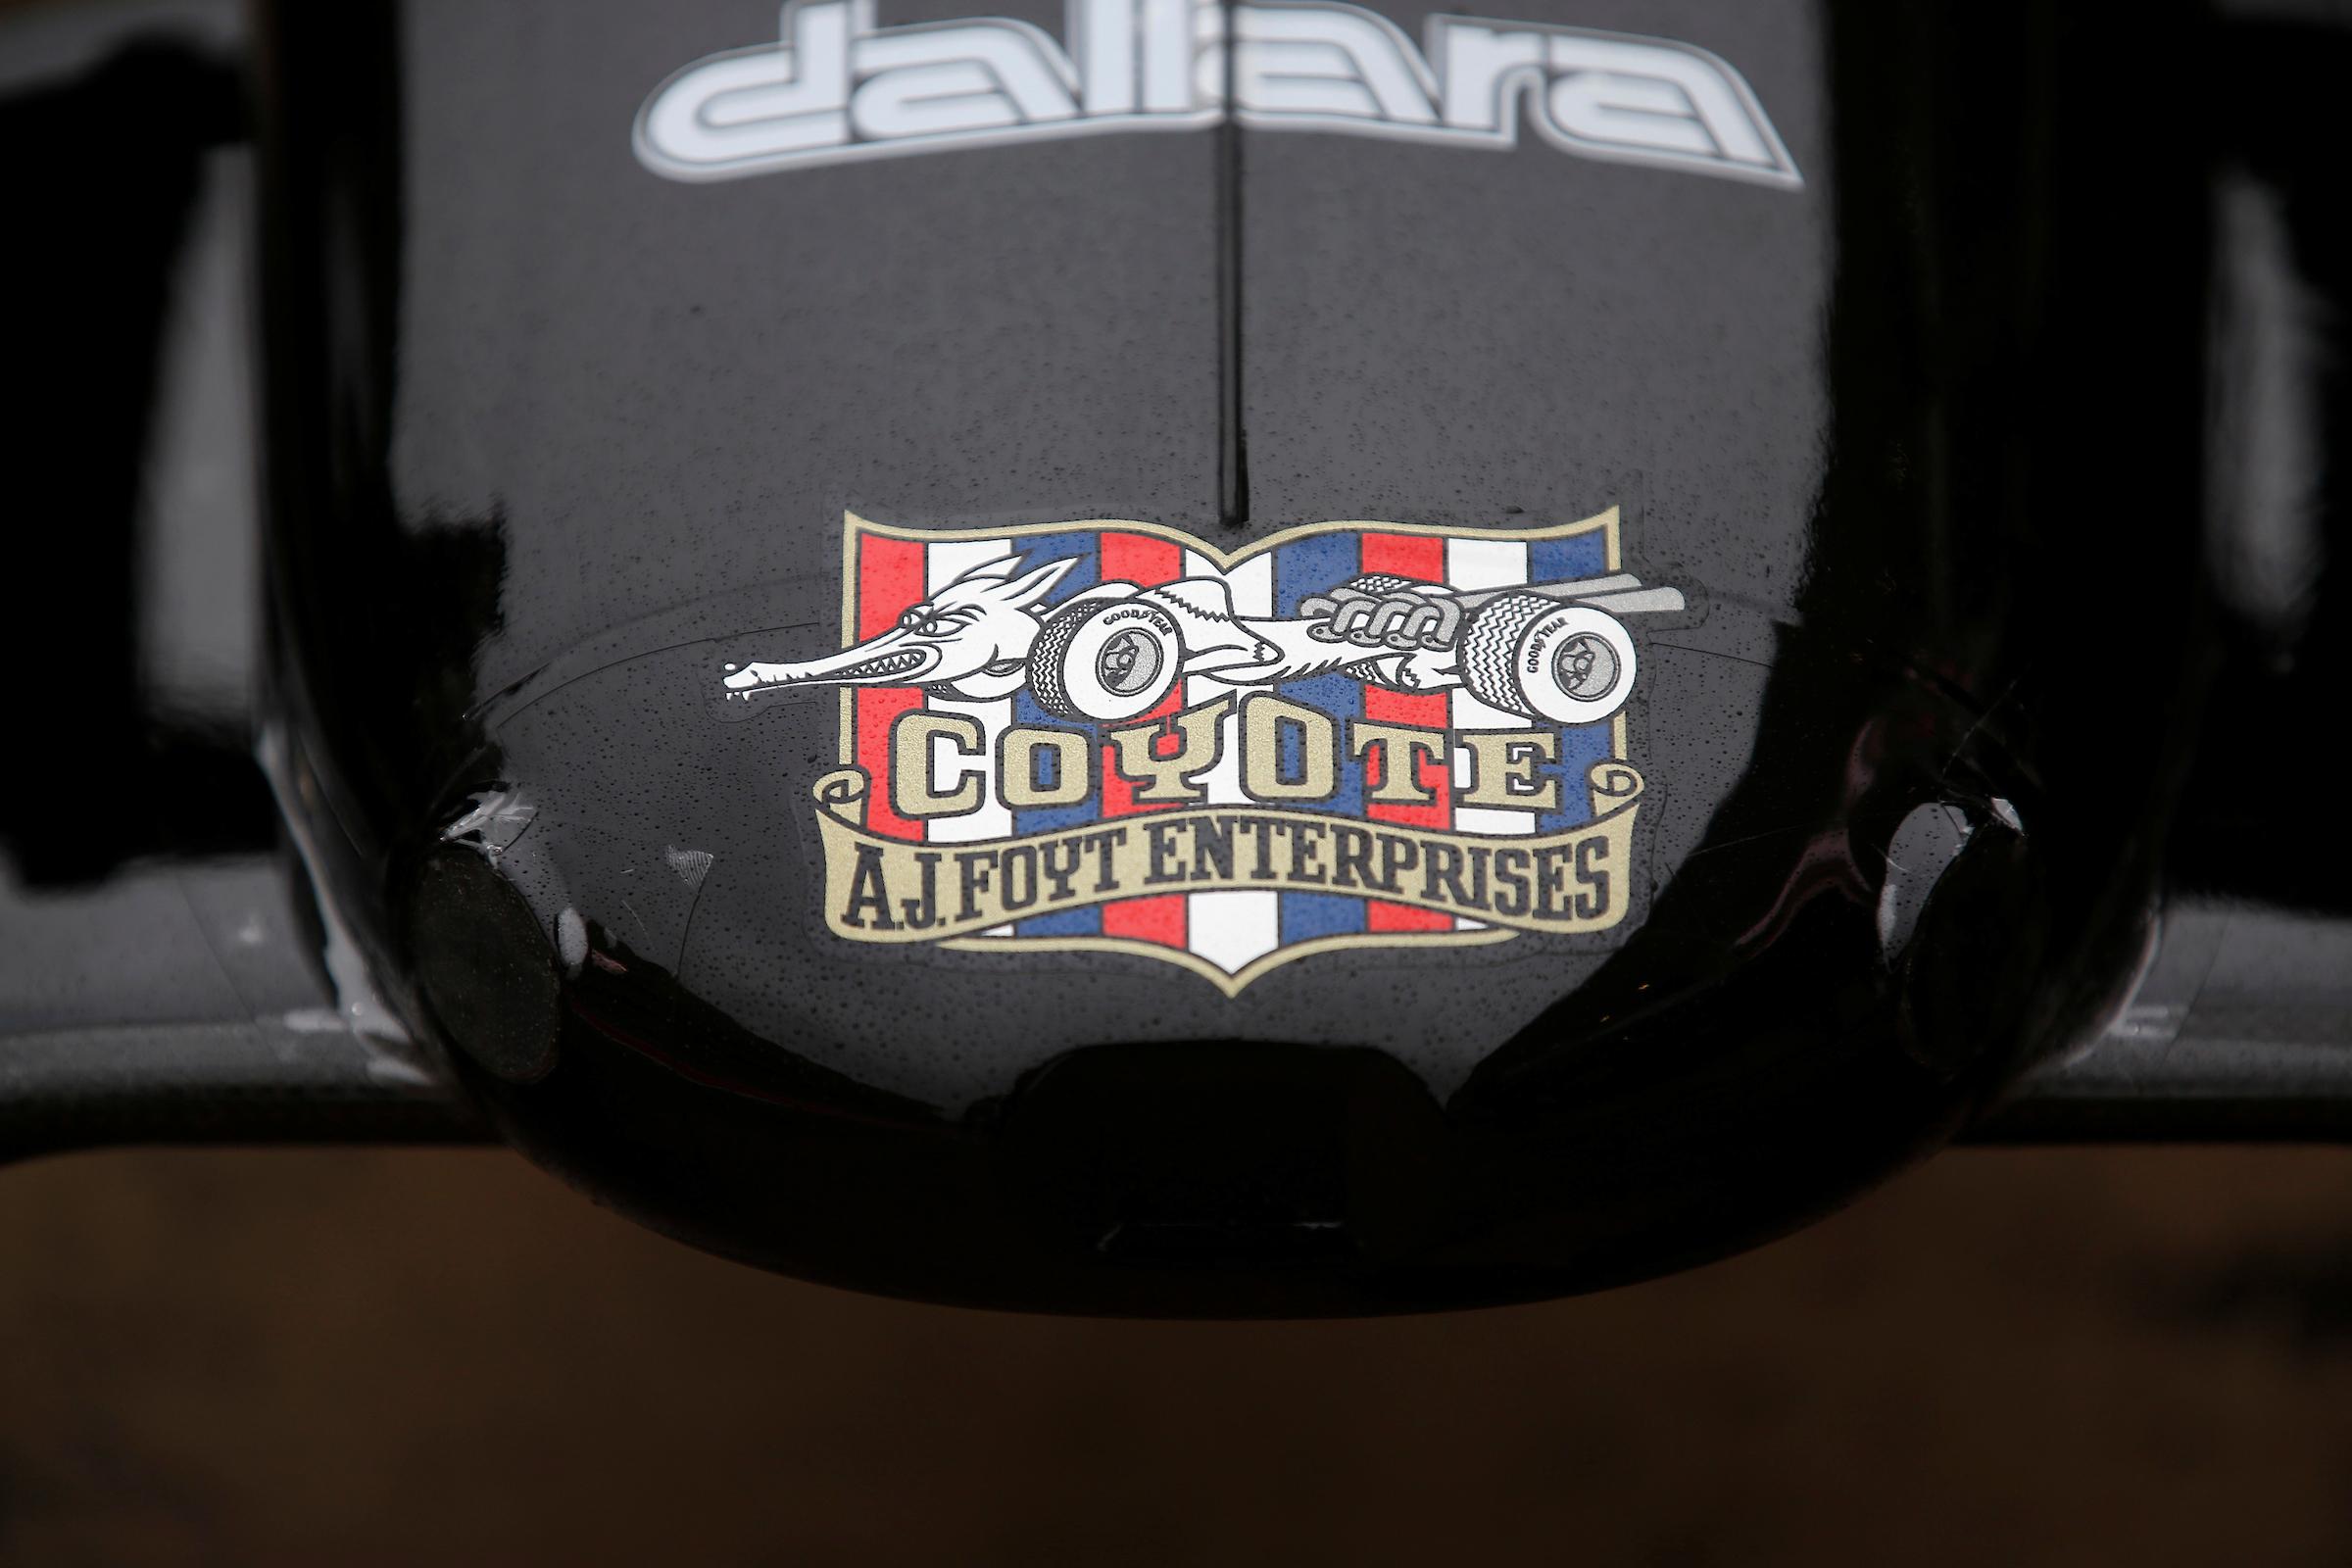 AJ Foyt Racing Nosecone - Coyote Logo